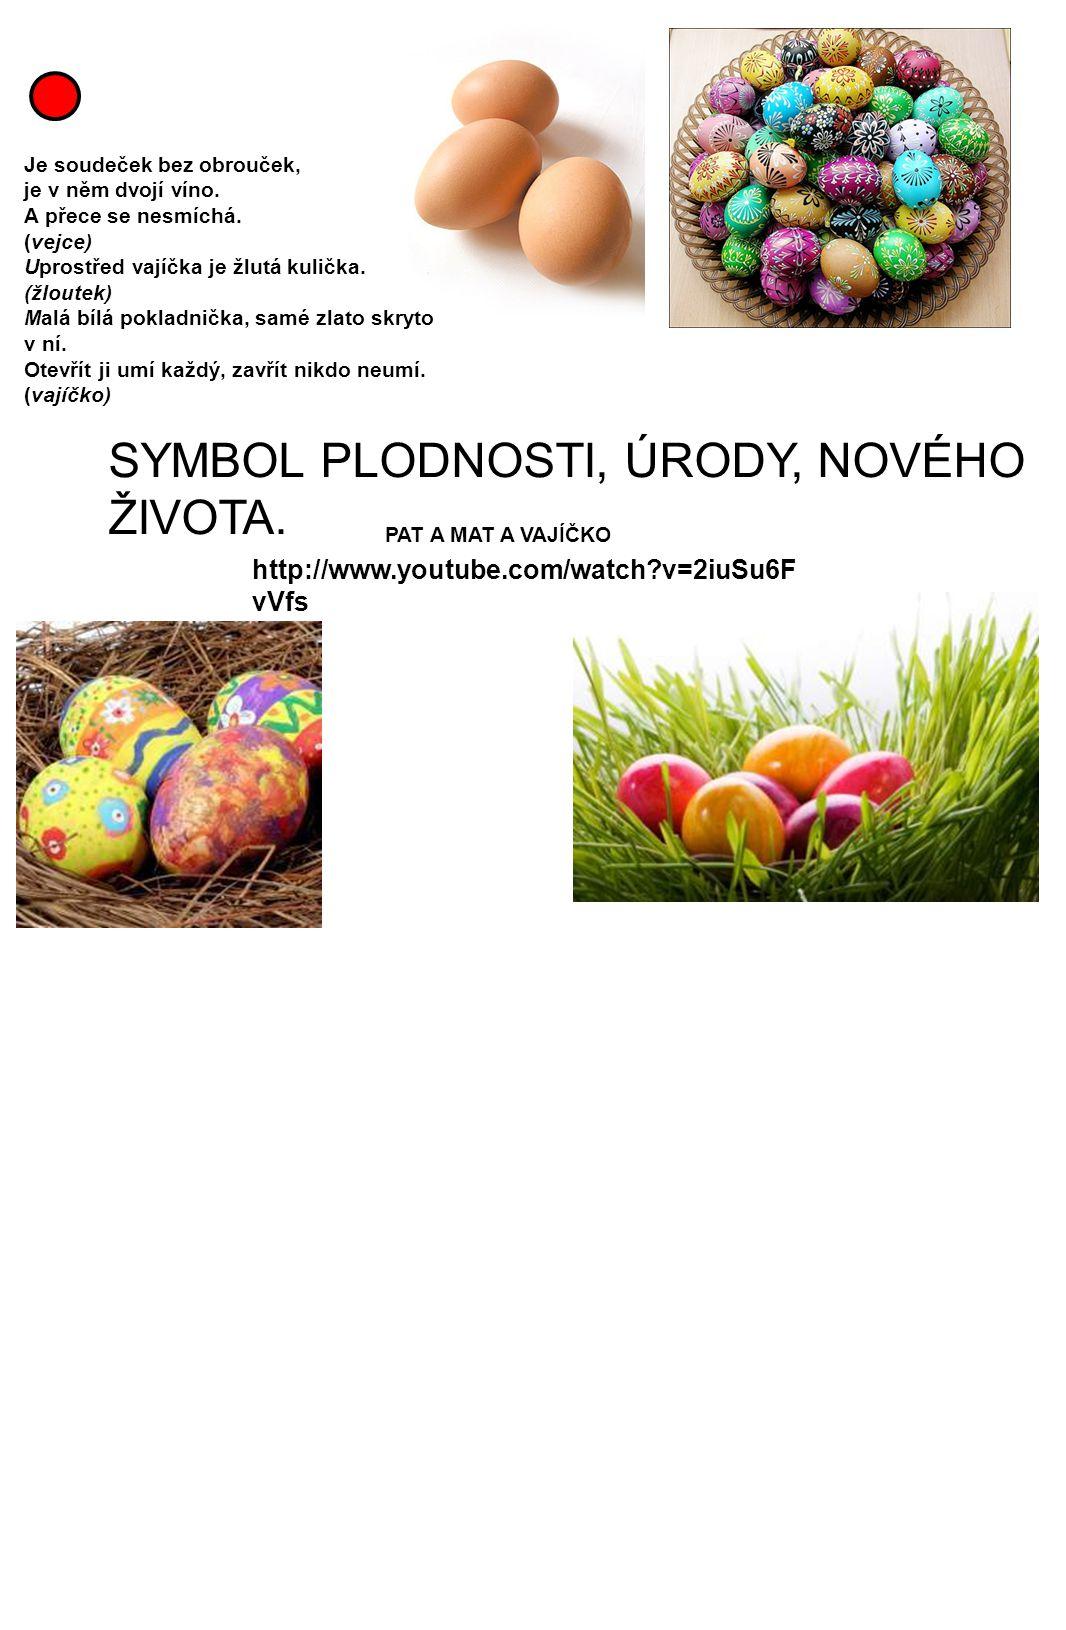 SYMBOL PLODNOSTI, ÚRODY, NOVÉHO ŽIVOTA. Je soudeček bez obrouček, je v něm dvojí víno. A přece se nesmíchá. (vejce) Uprostřed vajíčka je žlutá kulička